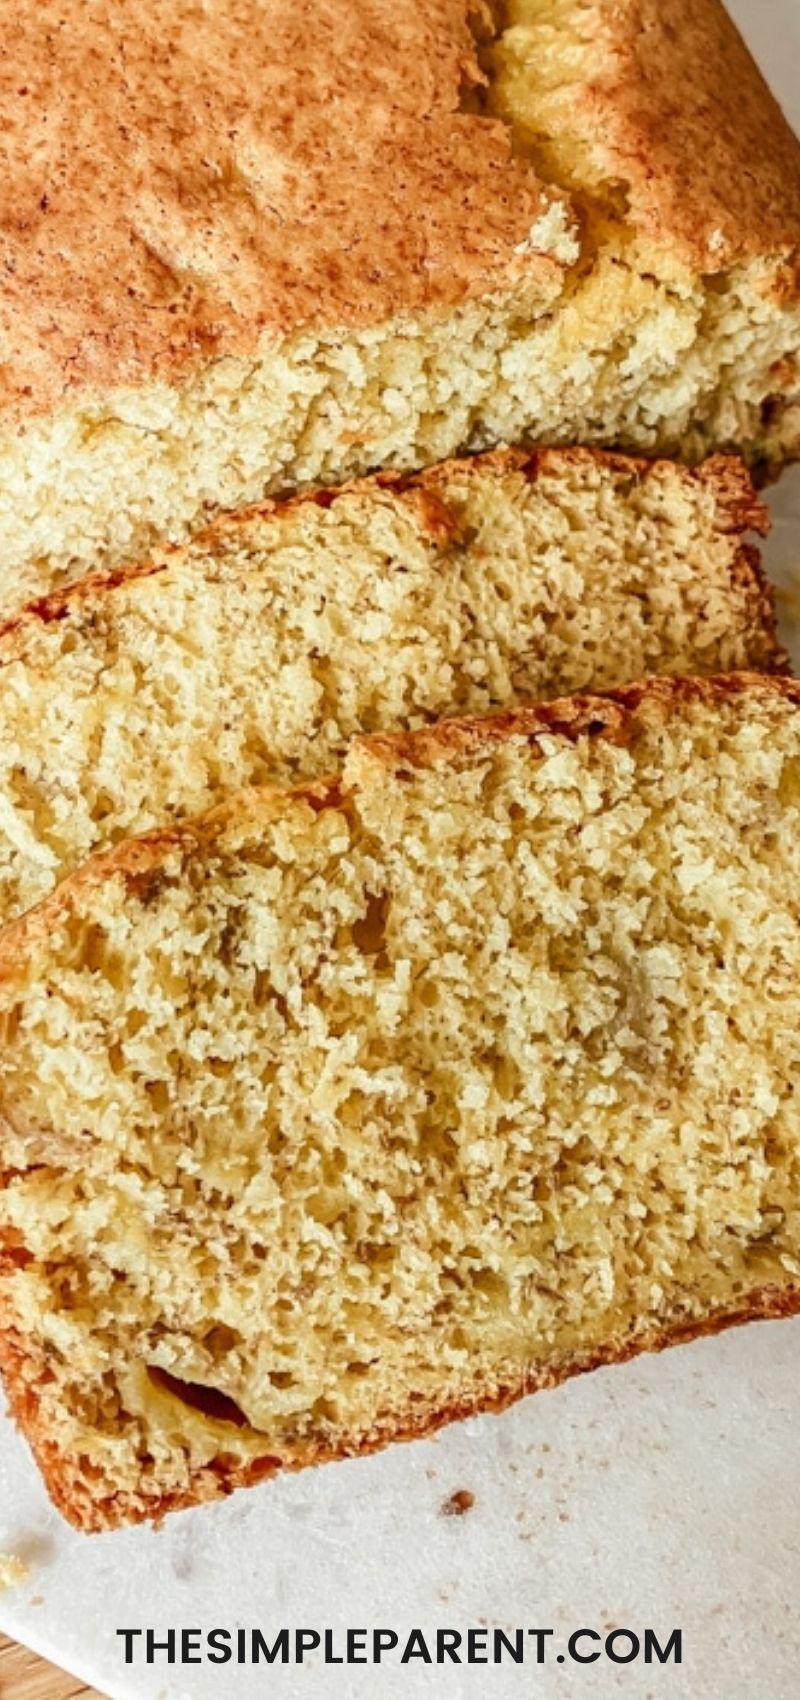 Cake mix banana bread recipe easy baking recipes banana